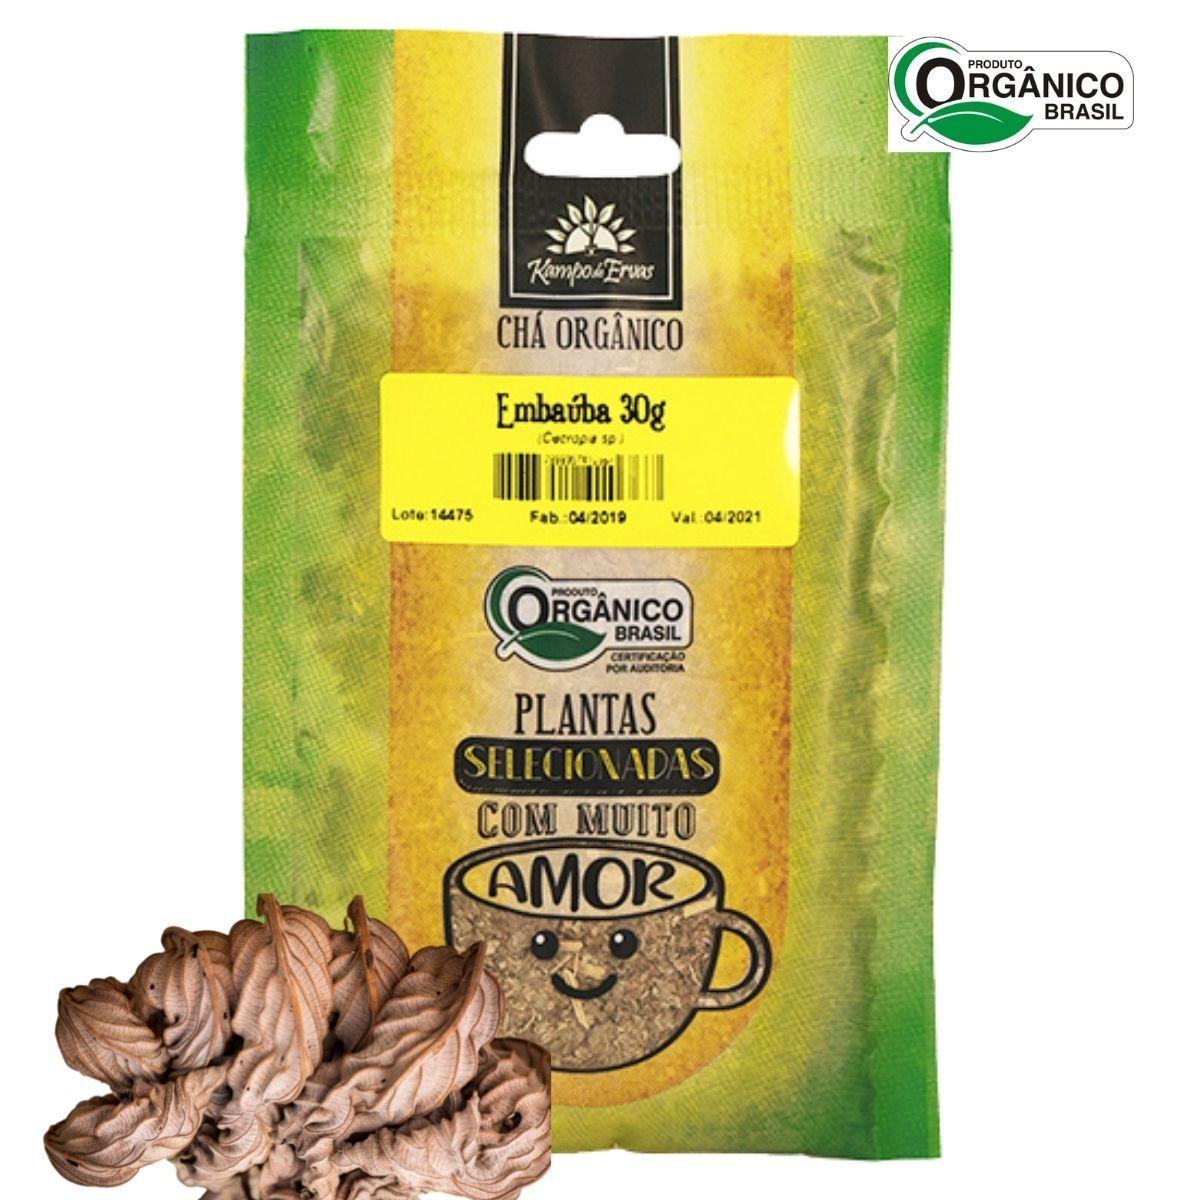 Embaúba Chá Orgânico das Folhas Kampo de Ervas 30 gramas